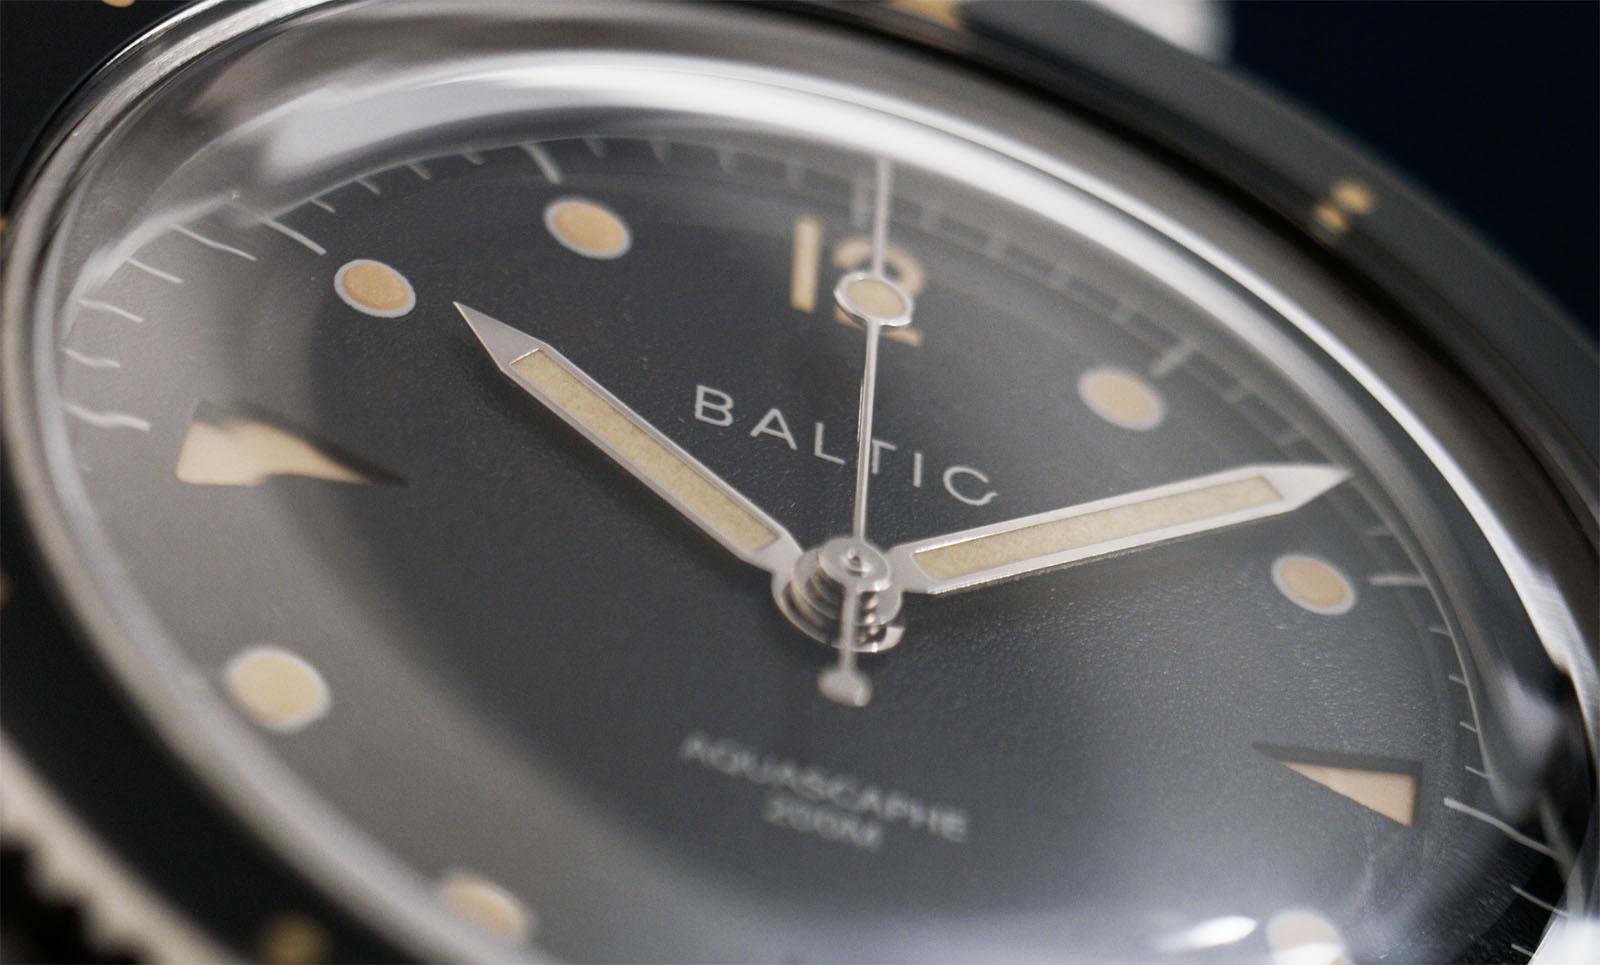 Baltic Aquascaphe Dive Watch 4